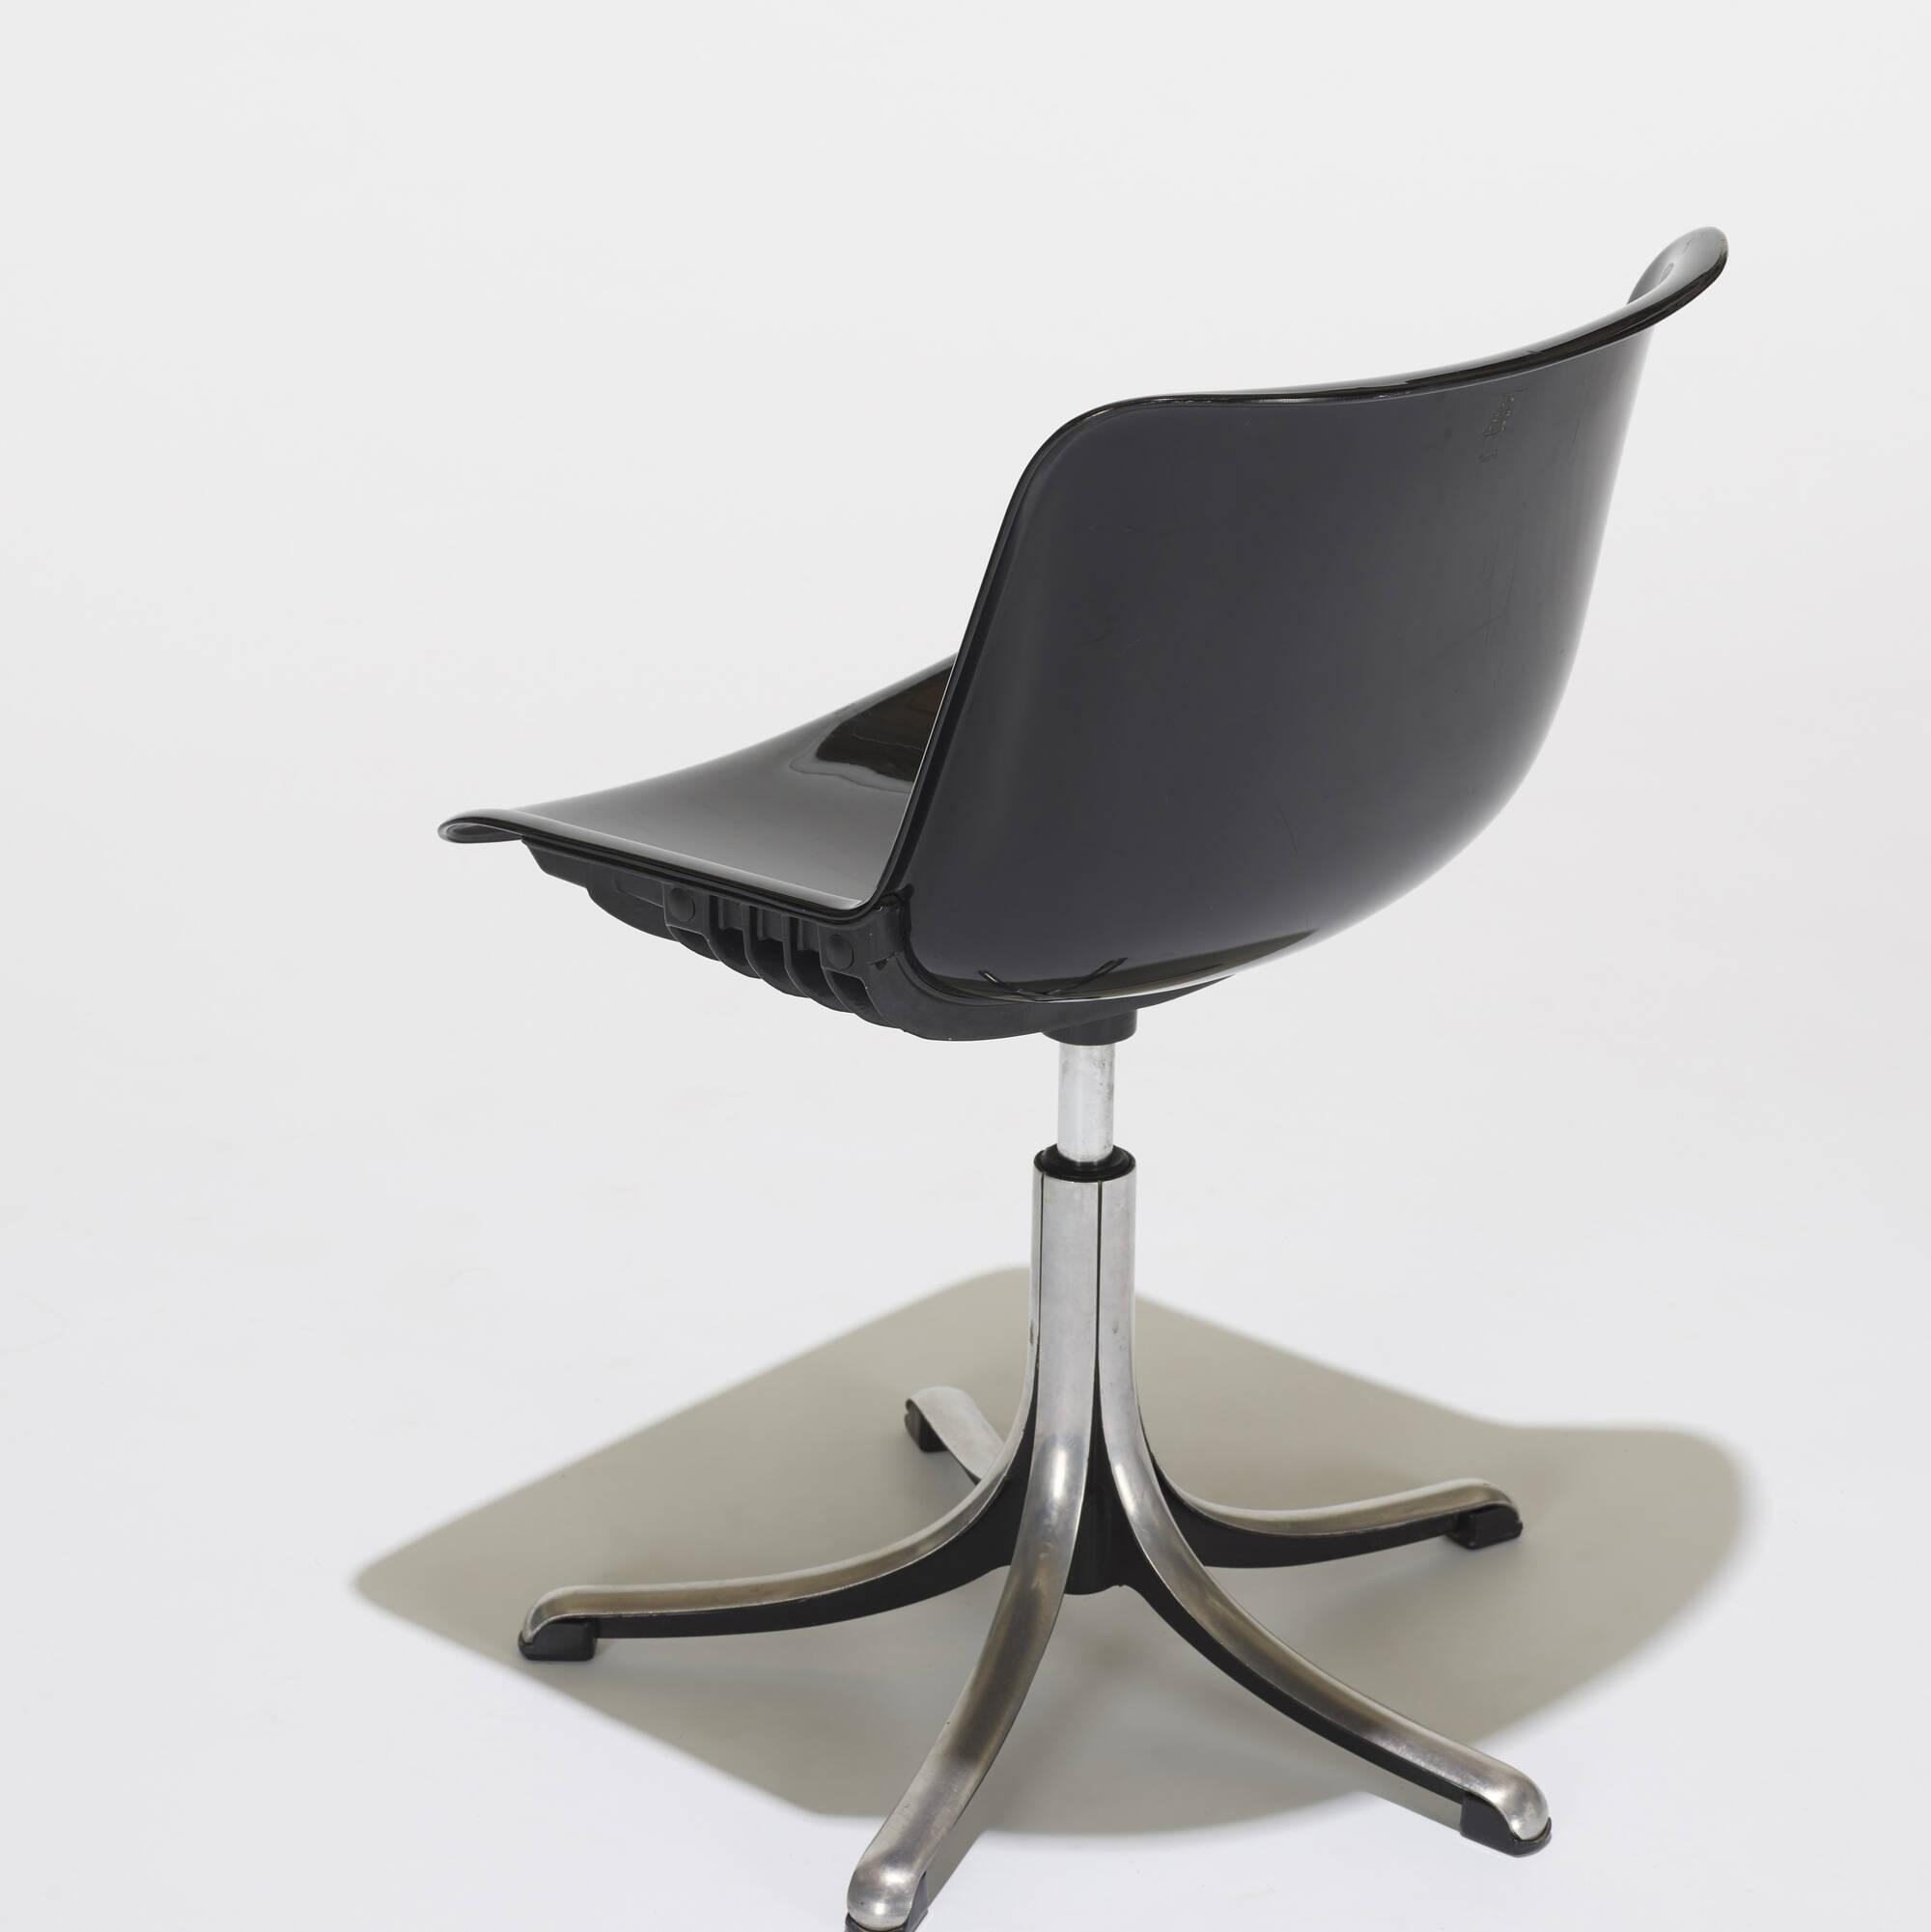 239: Osvaldo Borsani / Modus chair (3 of 3)